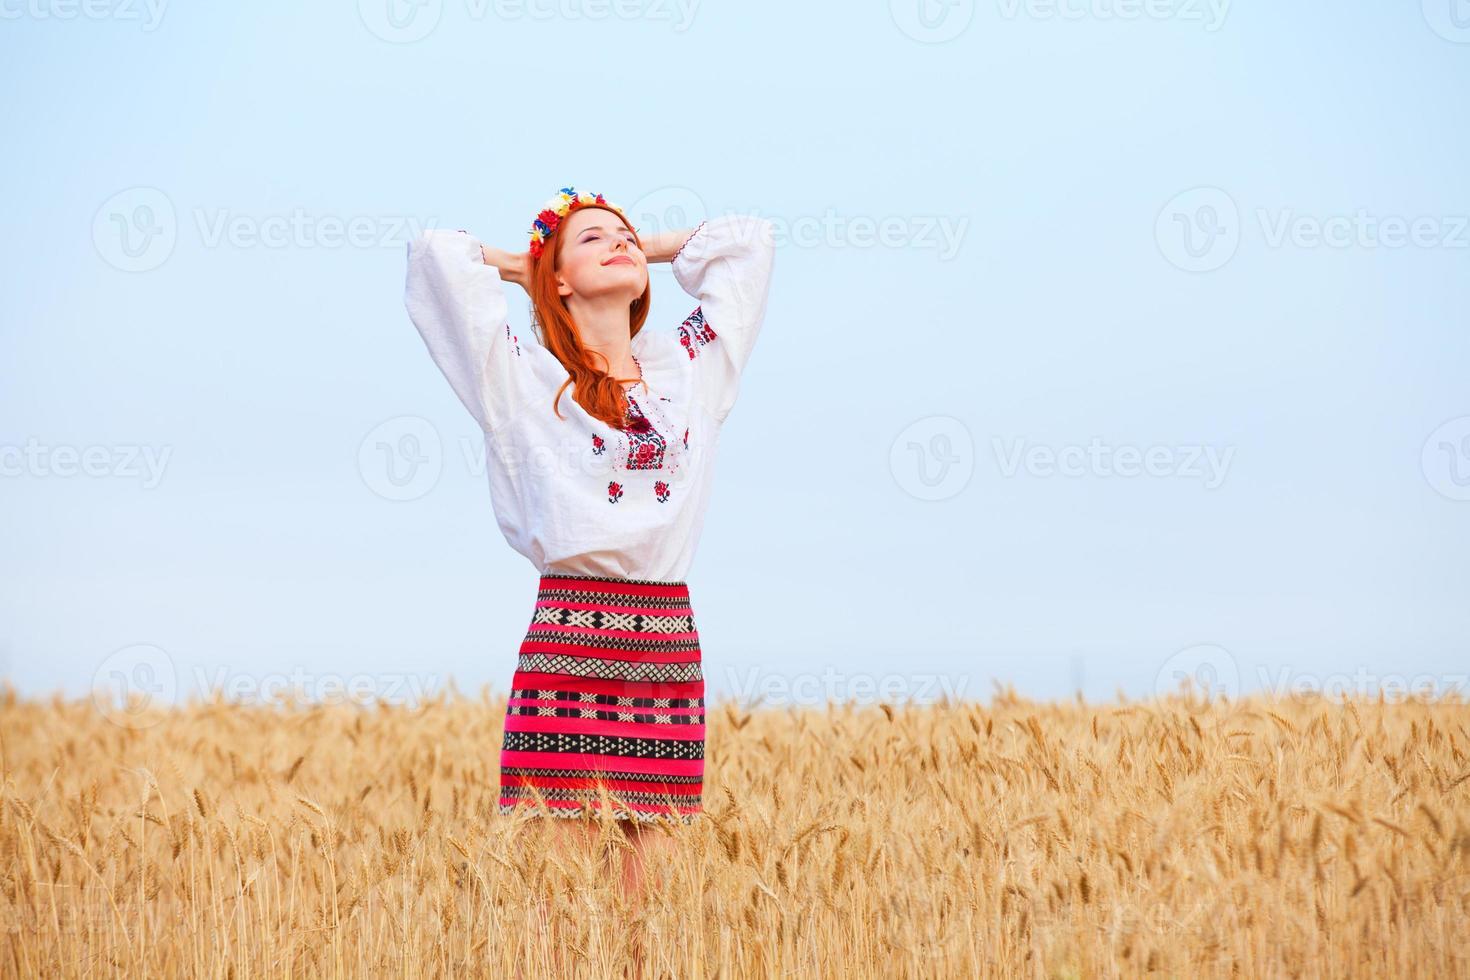 rödhårig tjej i nationella ukrainska kläder på vetefältet. foto